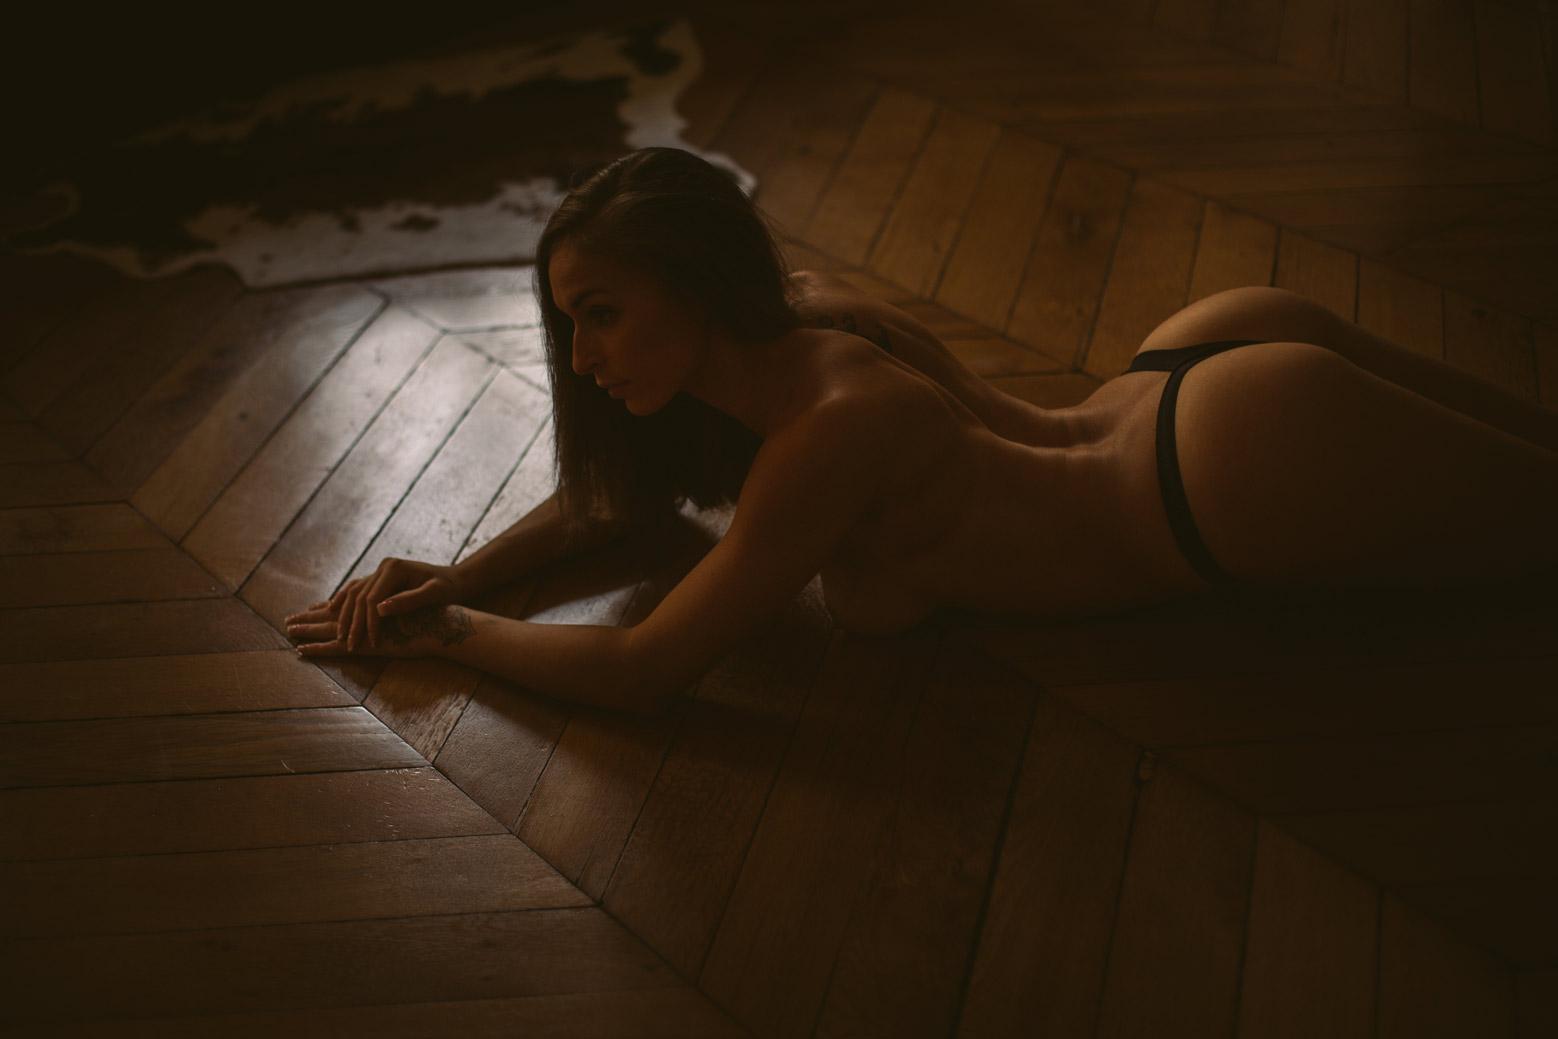 Une séance photo boudoir sportive avec une femme sensuelle, élégante et des courbes parfaites